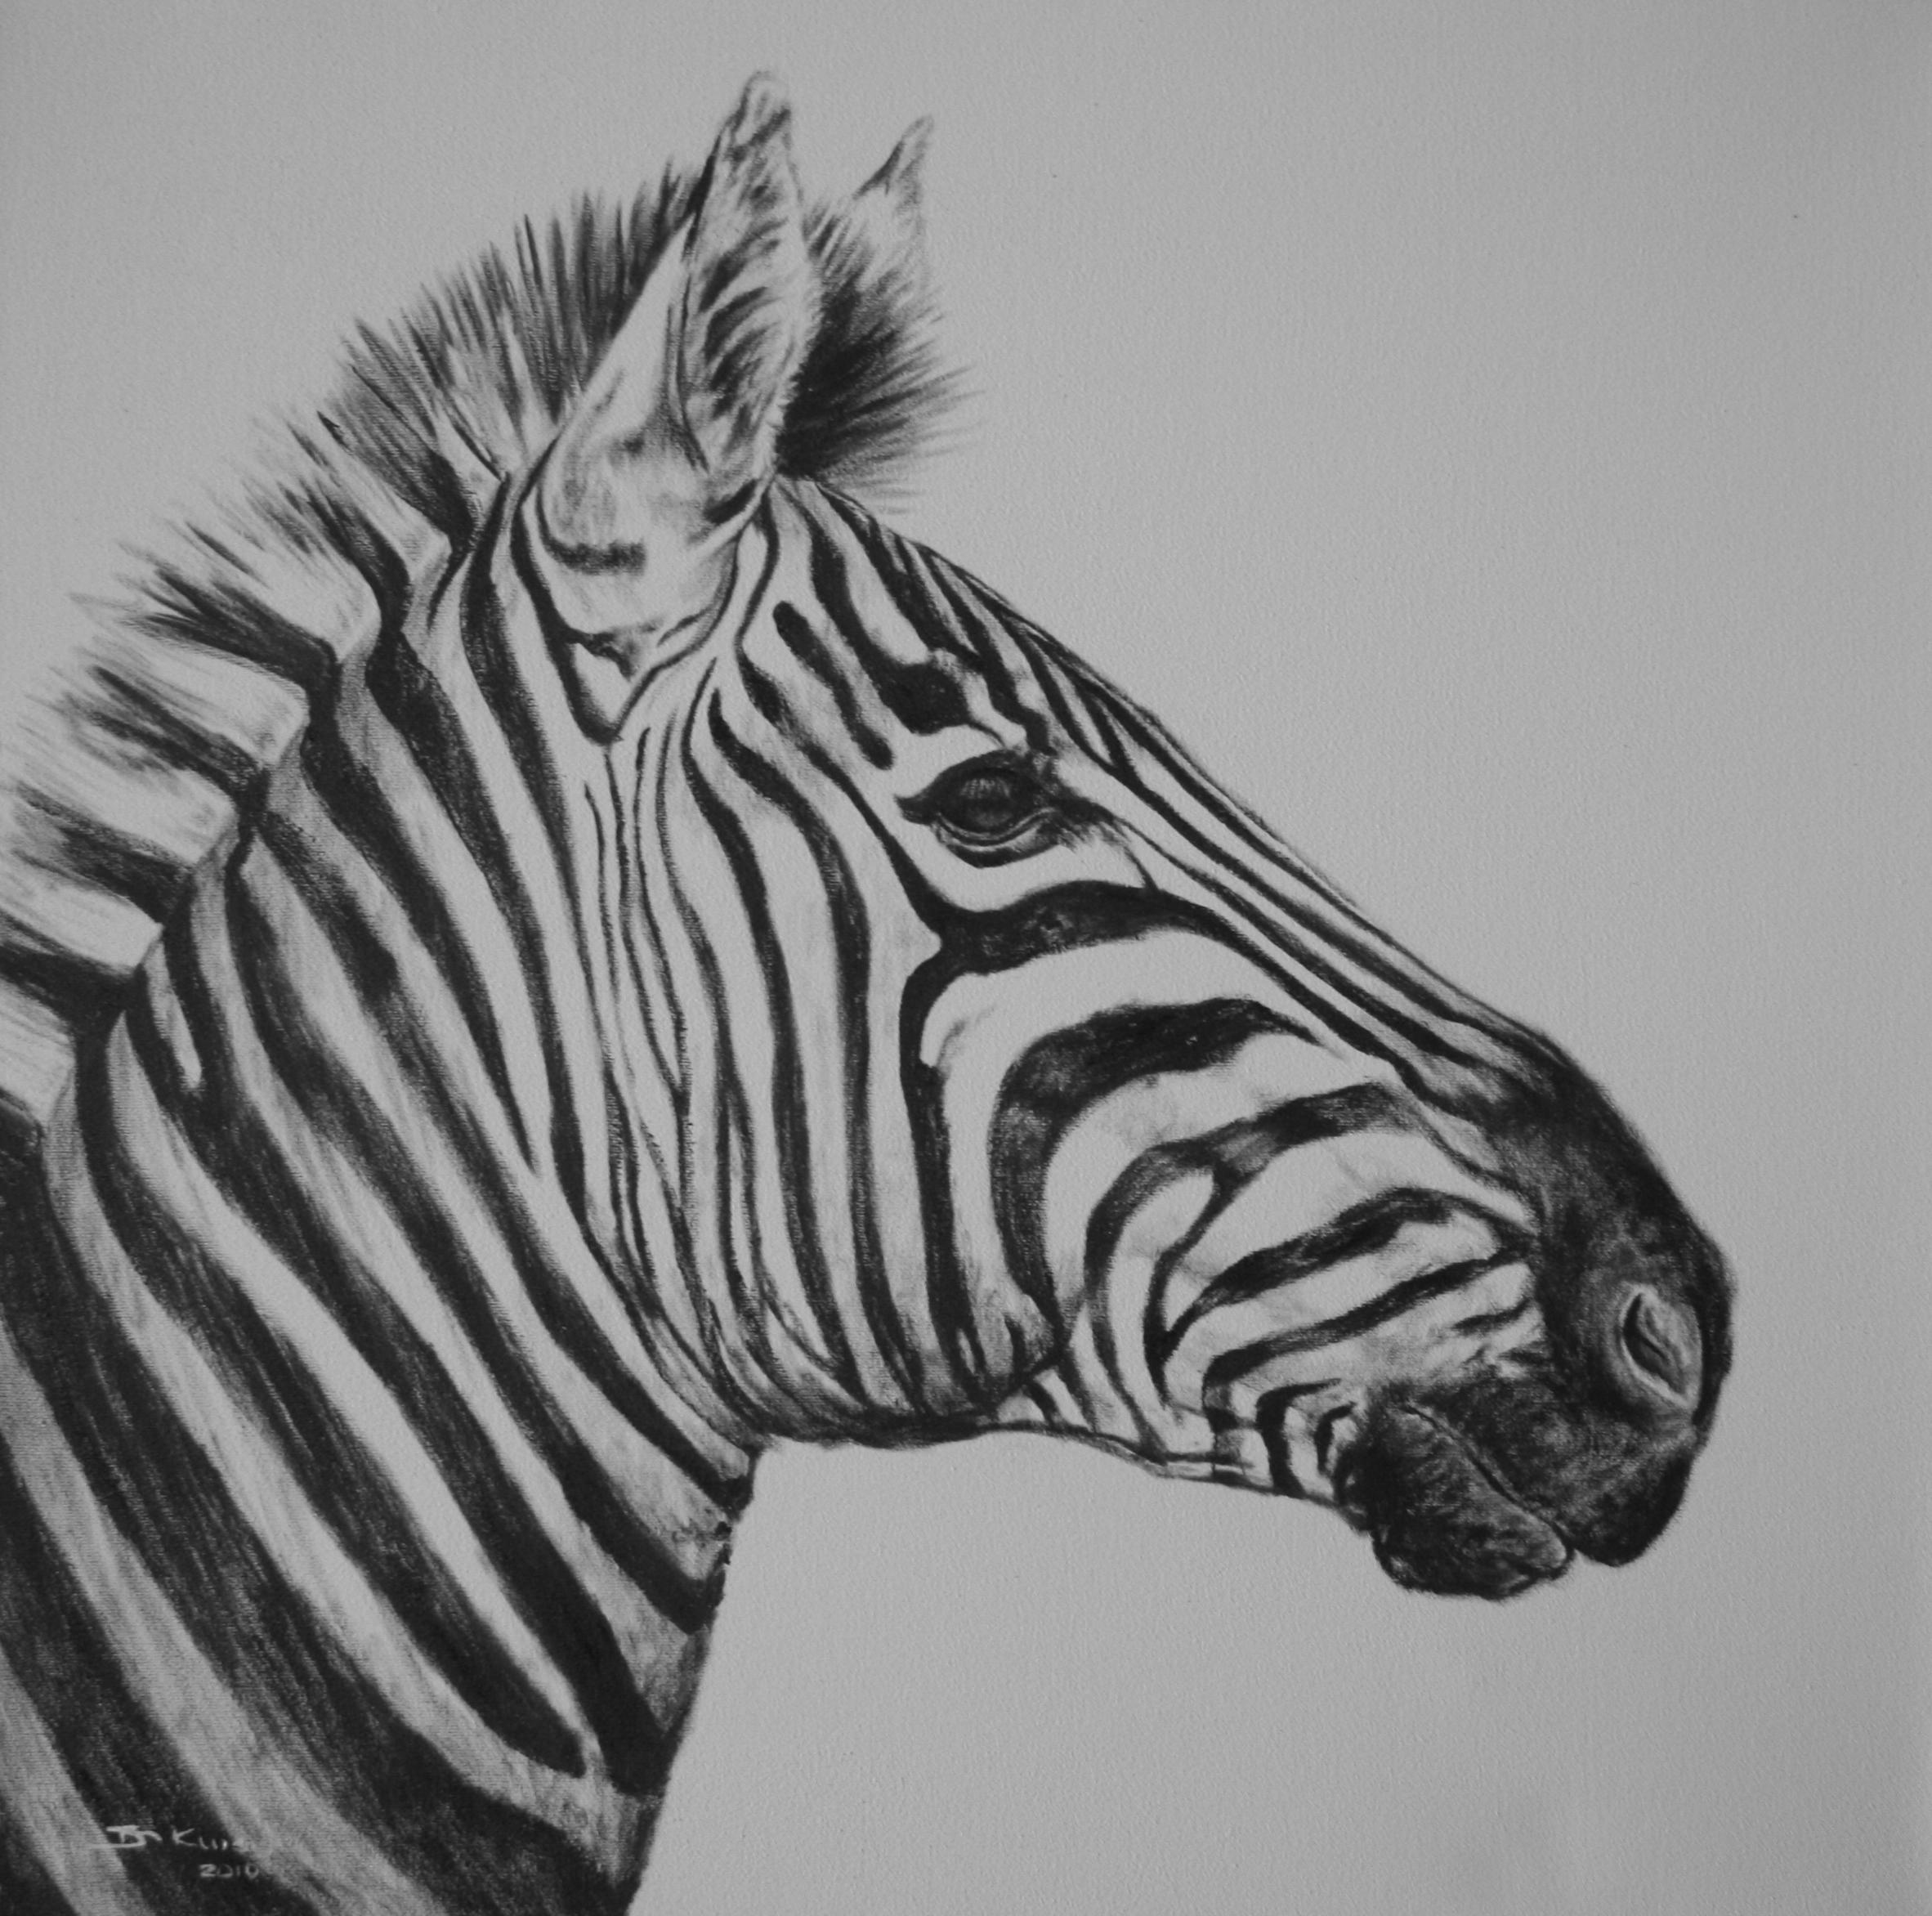 Zebra Paintings WATCHFULL